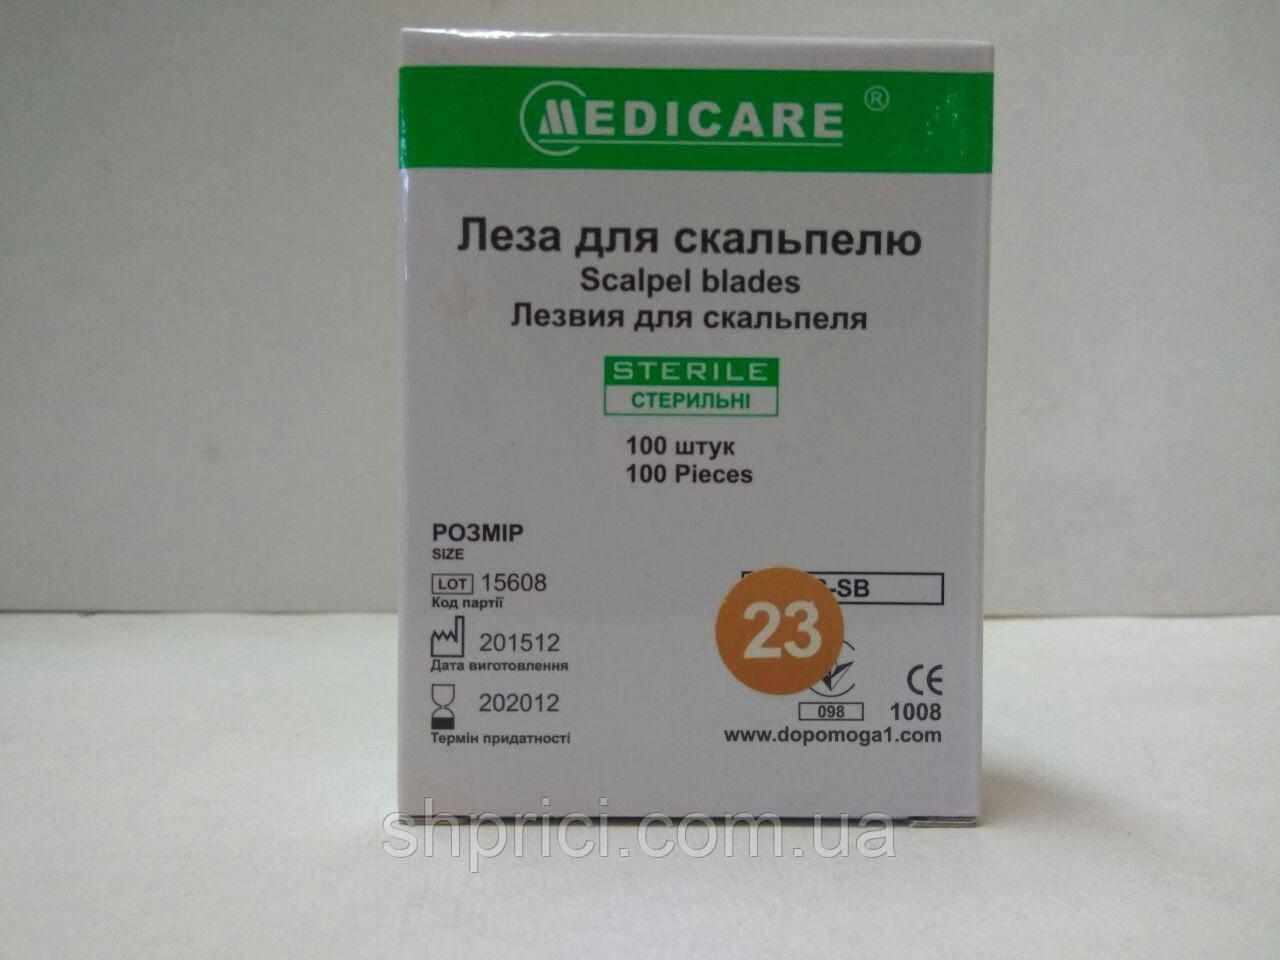 Лезвие для скальпеля одноразовое № 23 / Medicare